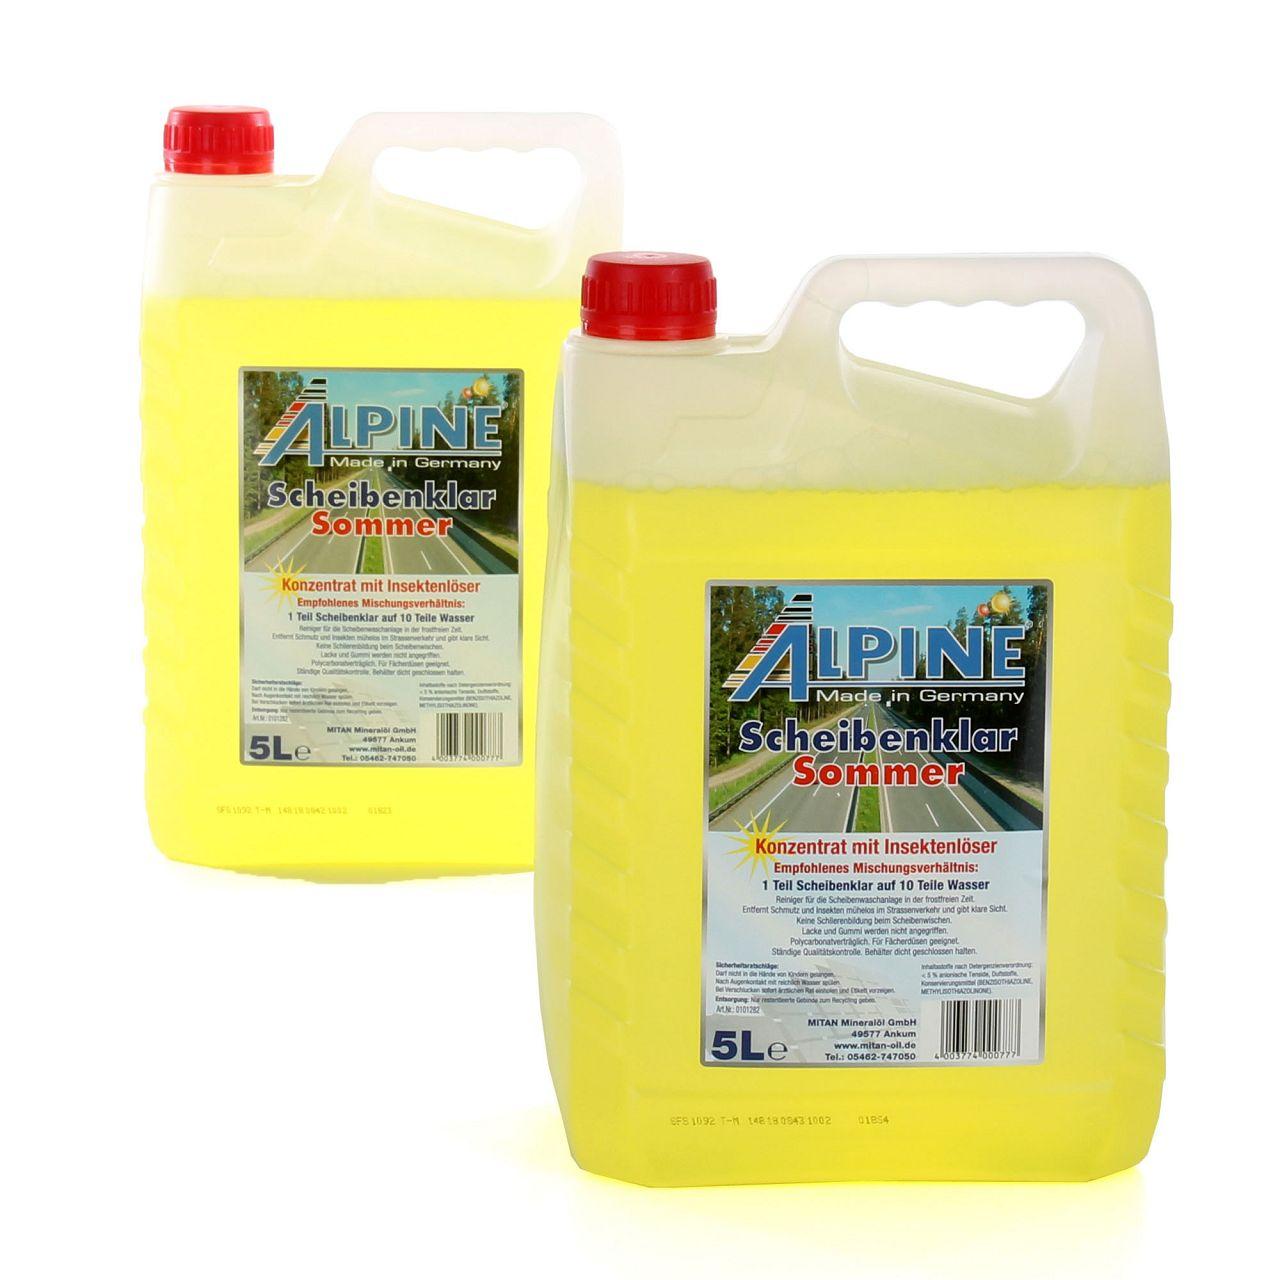 ALPINE Scheibenklar Sommer 1:10 Konzentrat Insektenlöser Citrusduft - 10 Liter